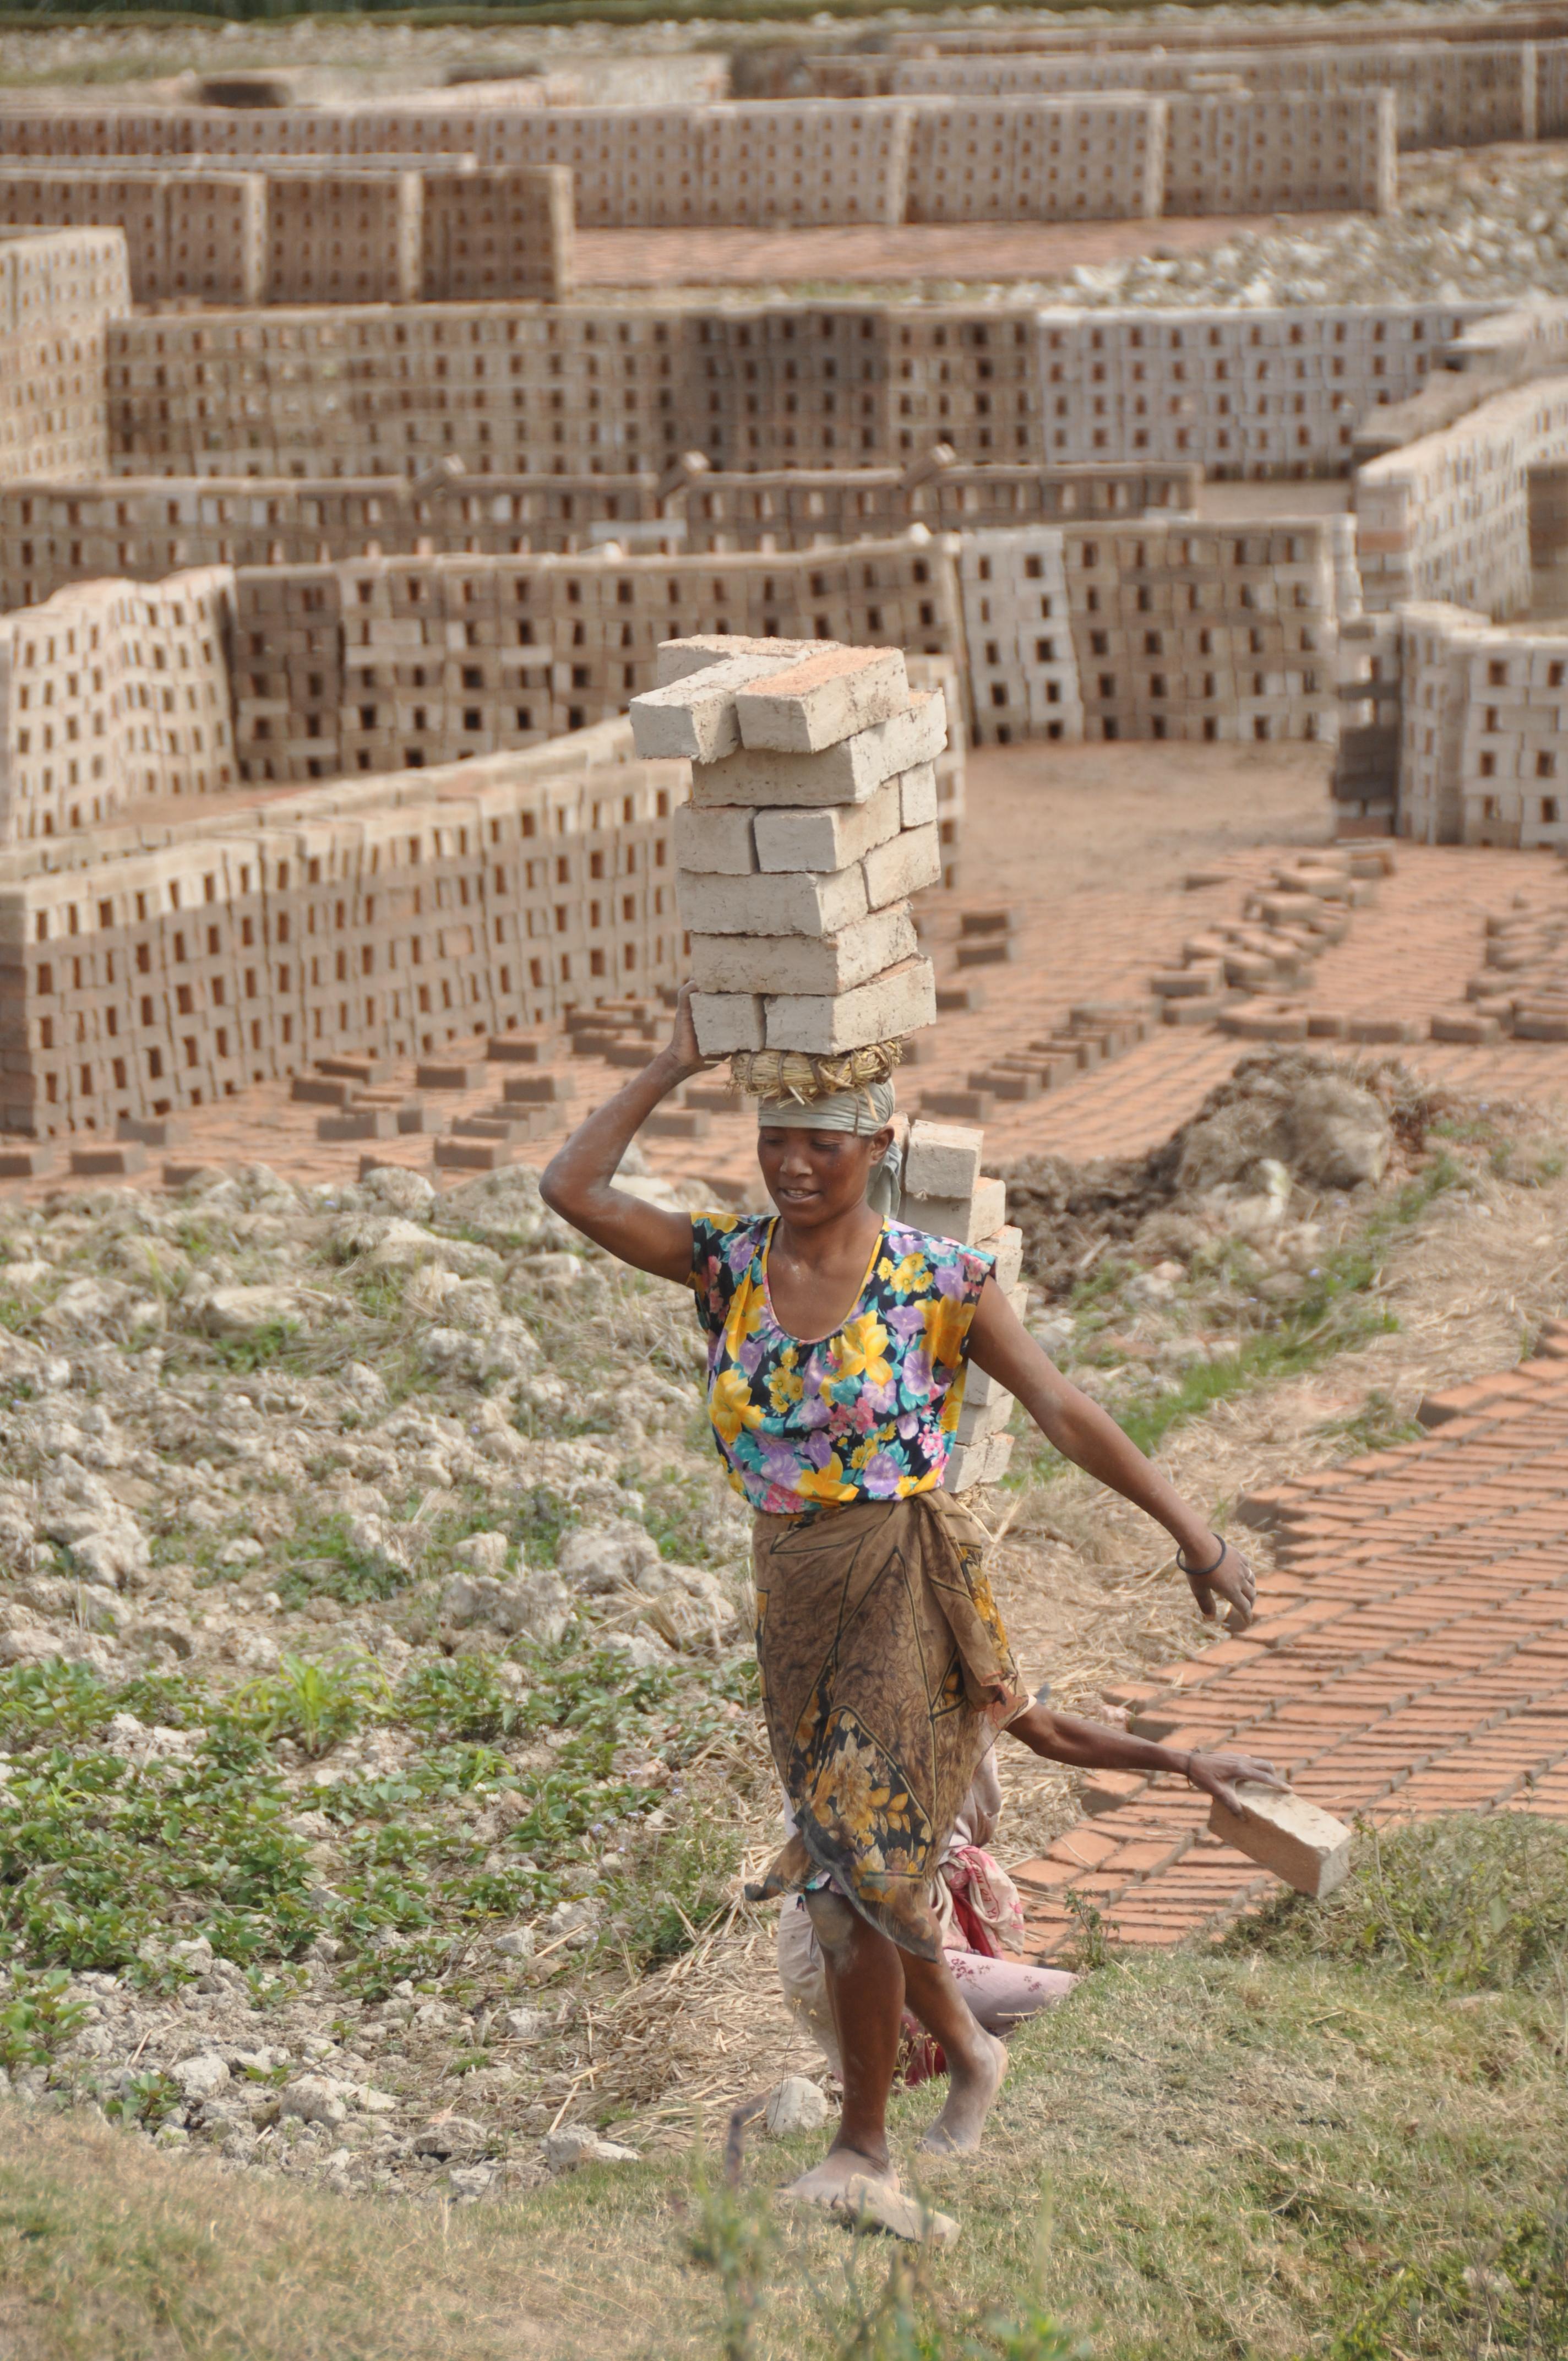 Brændte mursten bæres på hovedet i Madagaskar